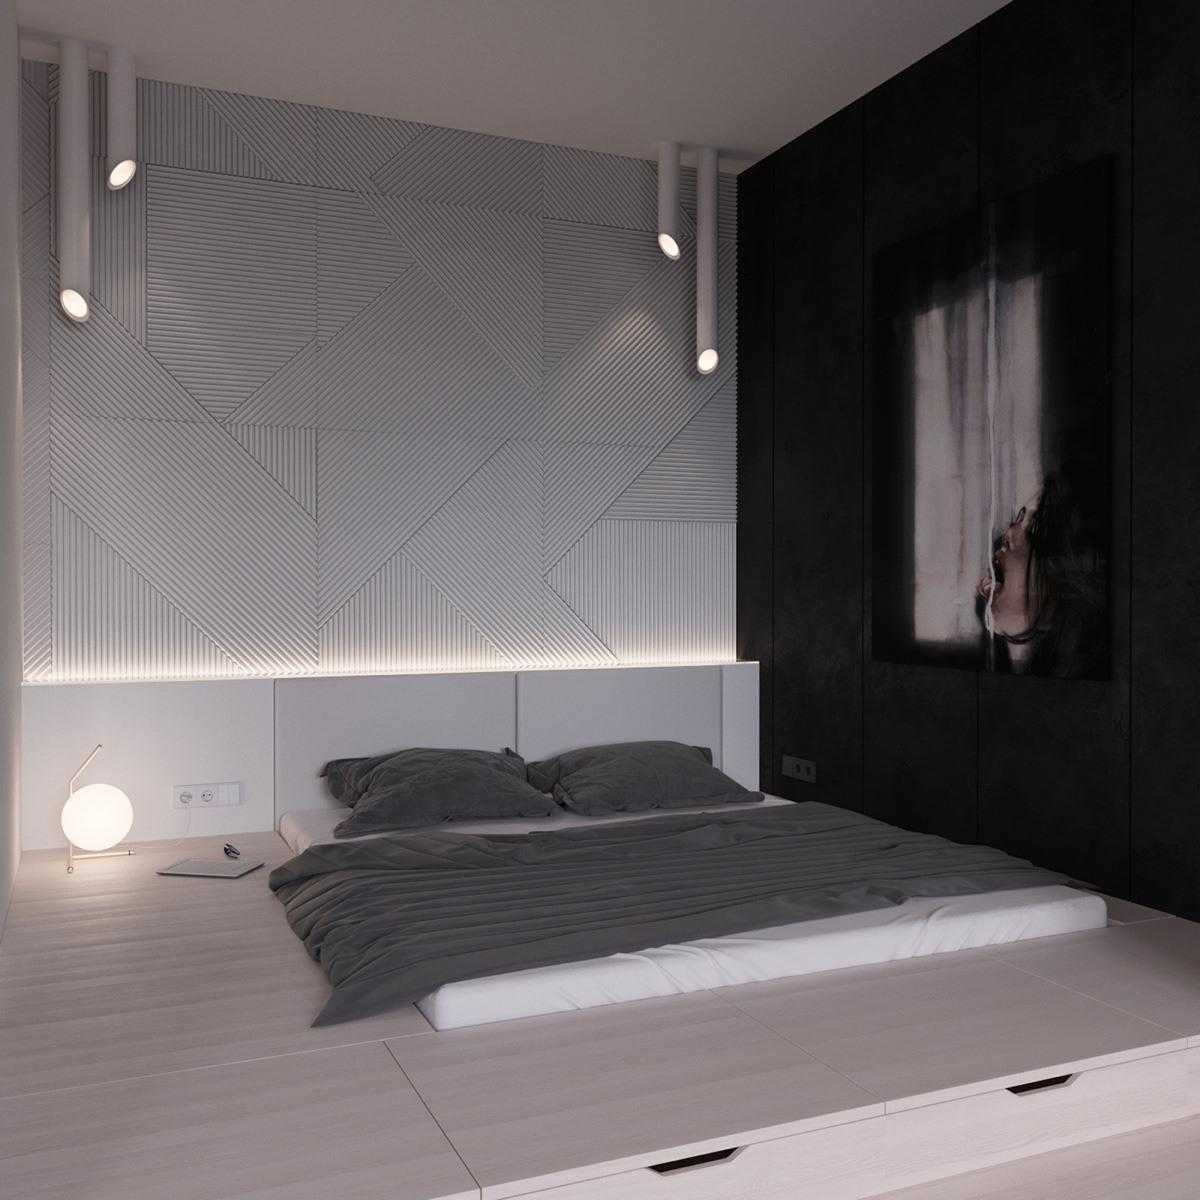 Thích mê 3 căn hộ hiện đại với diện tích khiêm tốn dưới 50m2 - Ảnh 22.